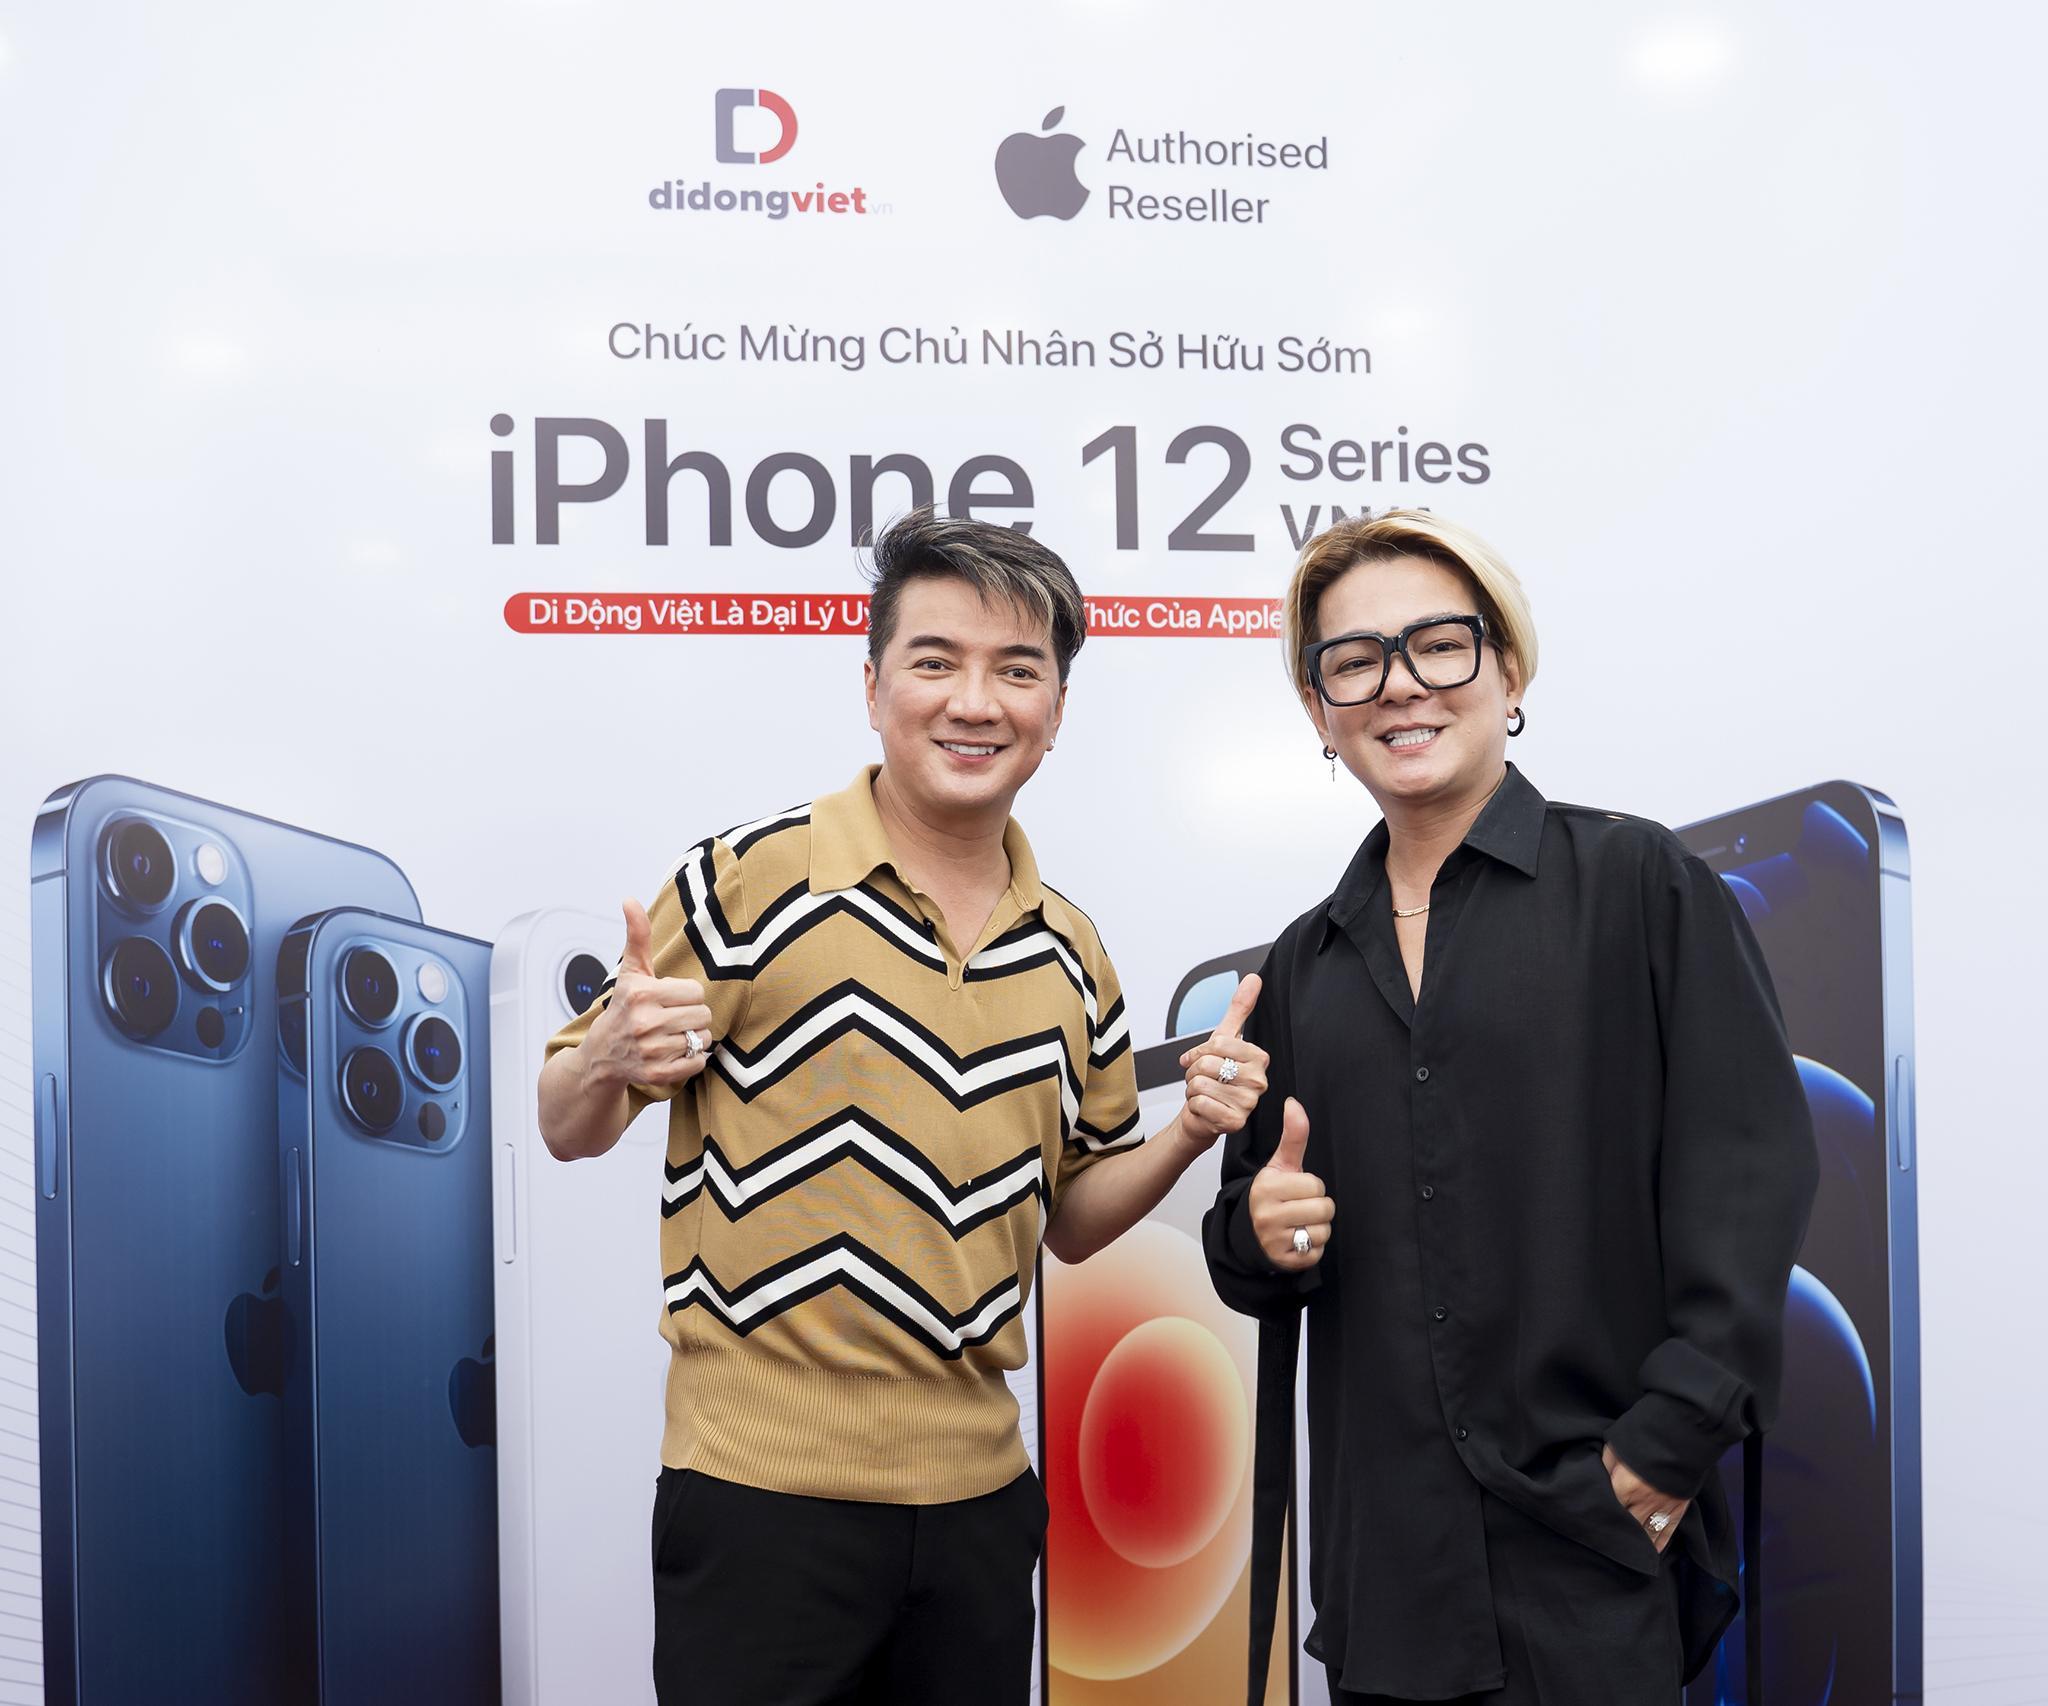 iPhone 12 Pro Max هنگامی که بسیاری از ستاره ها تصمیم به خرید می گیرند همچنان به جذب محصولات ادامه می دهد - عکس 1.